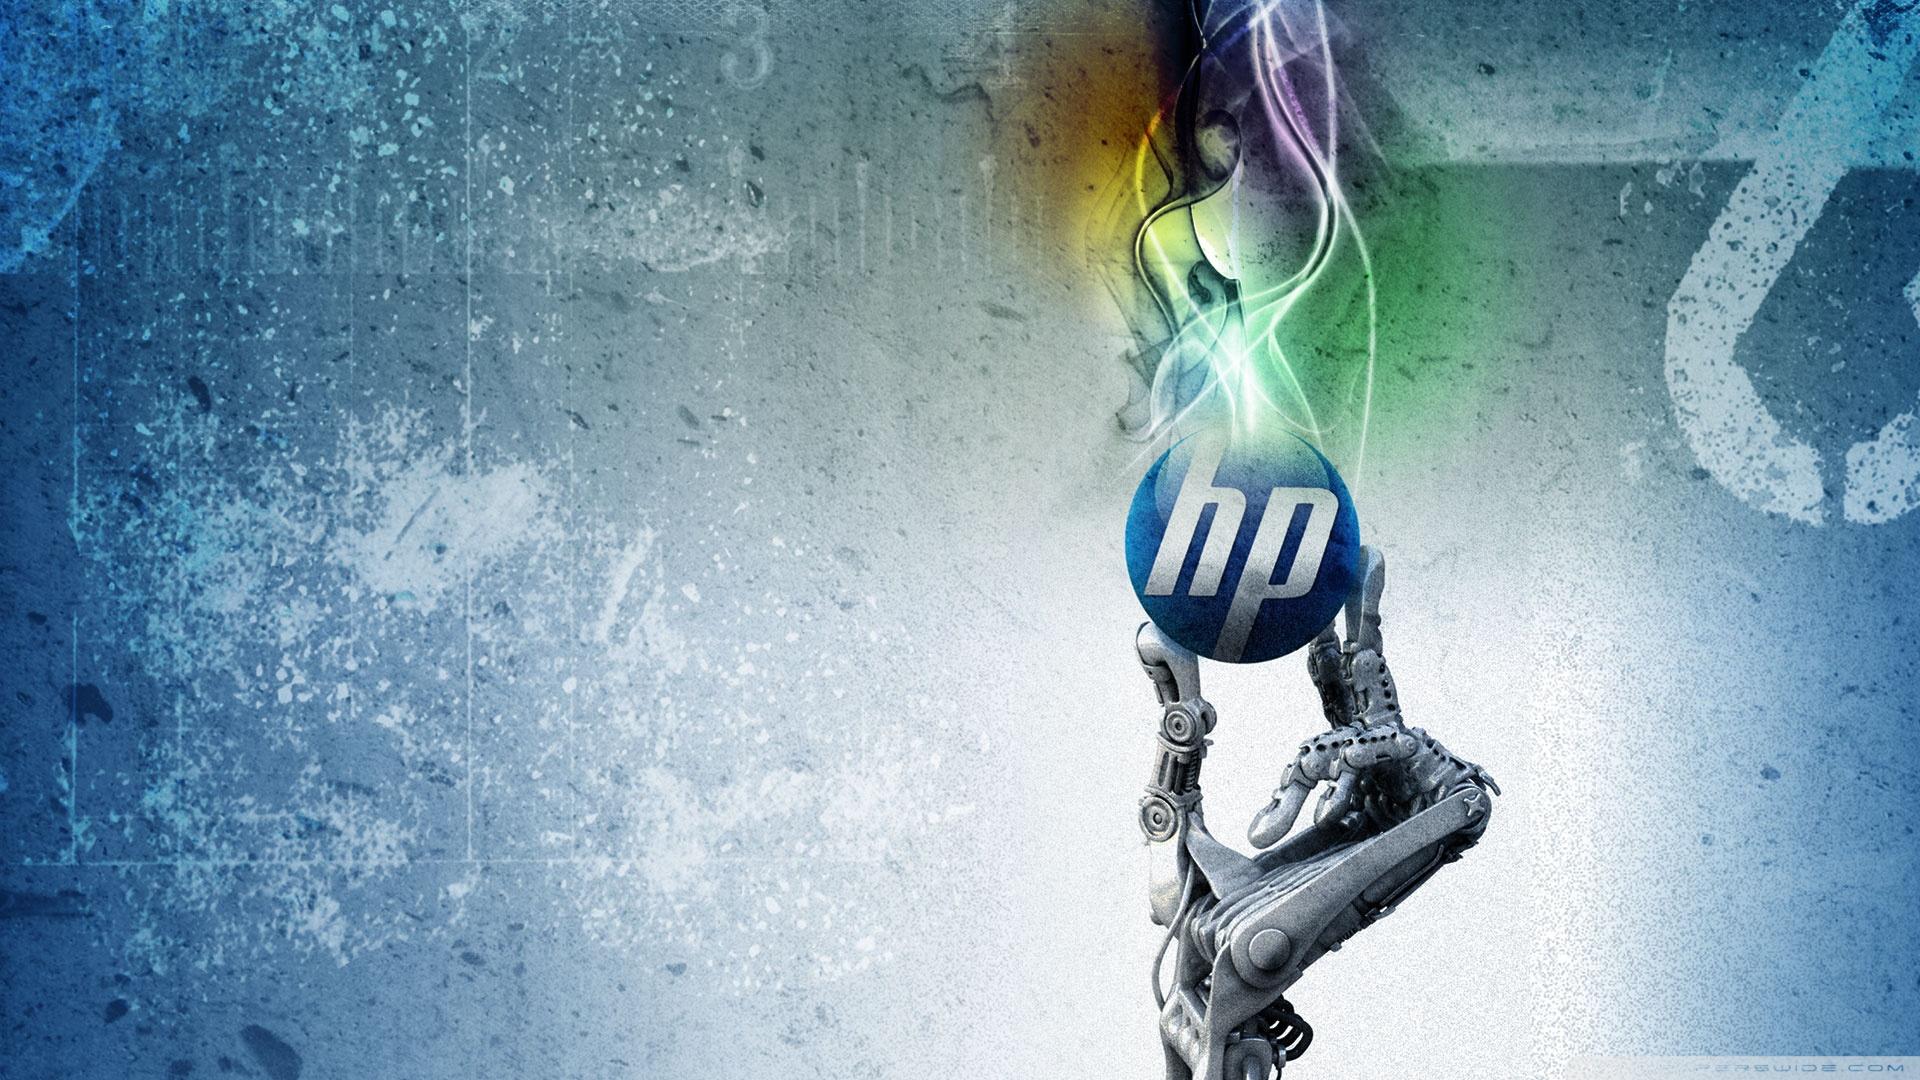 HP HD desktop wallpaper : Widescreen : High Definition